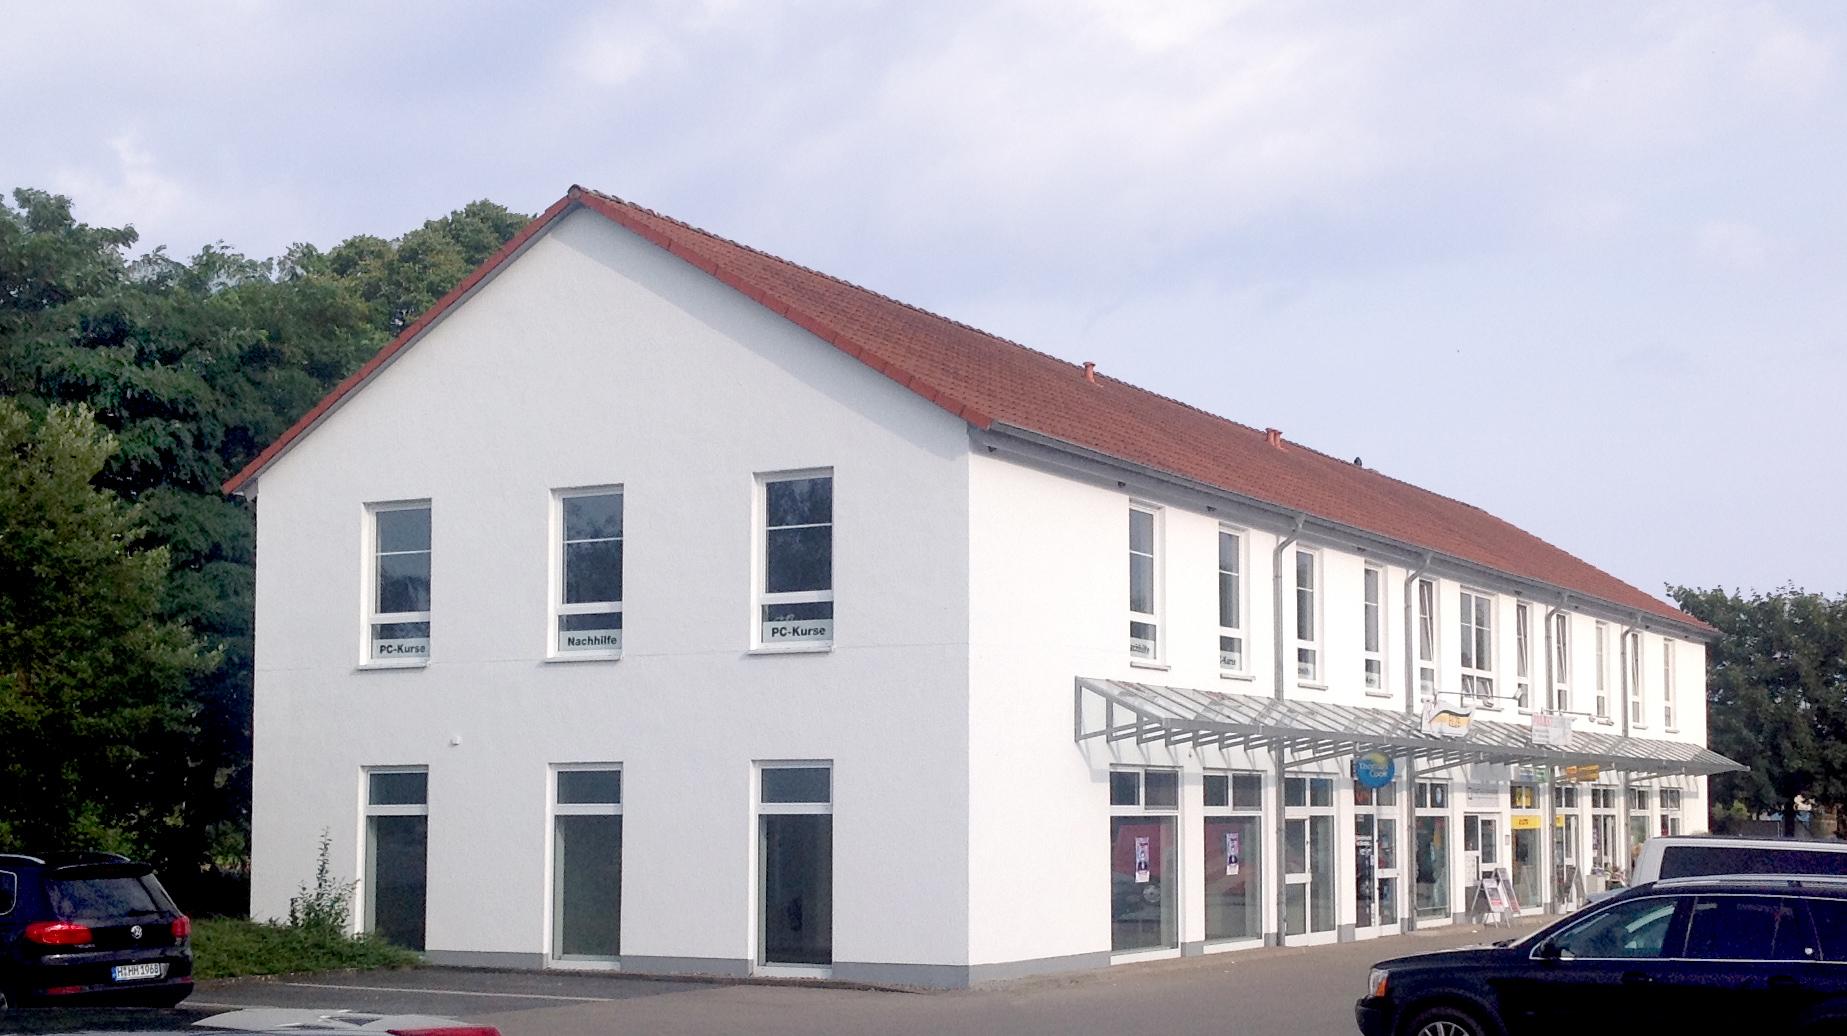 Projekt Lernhilfe Schülernachhilfe in der Wedemark, Langenhagen, Kaltenweide und Schwarmstedt